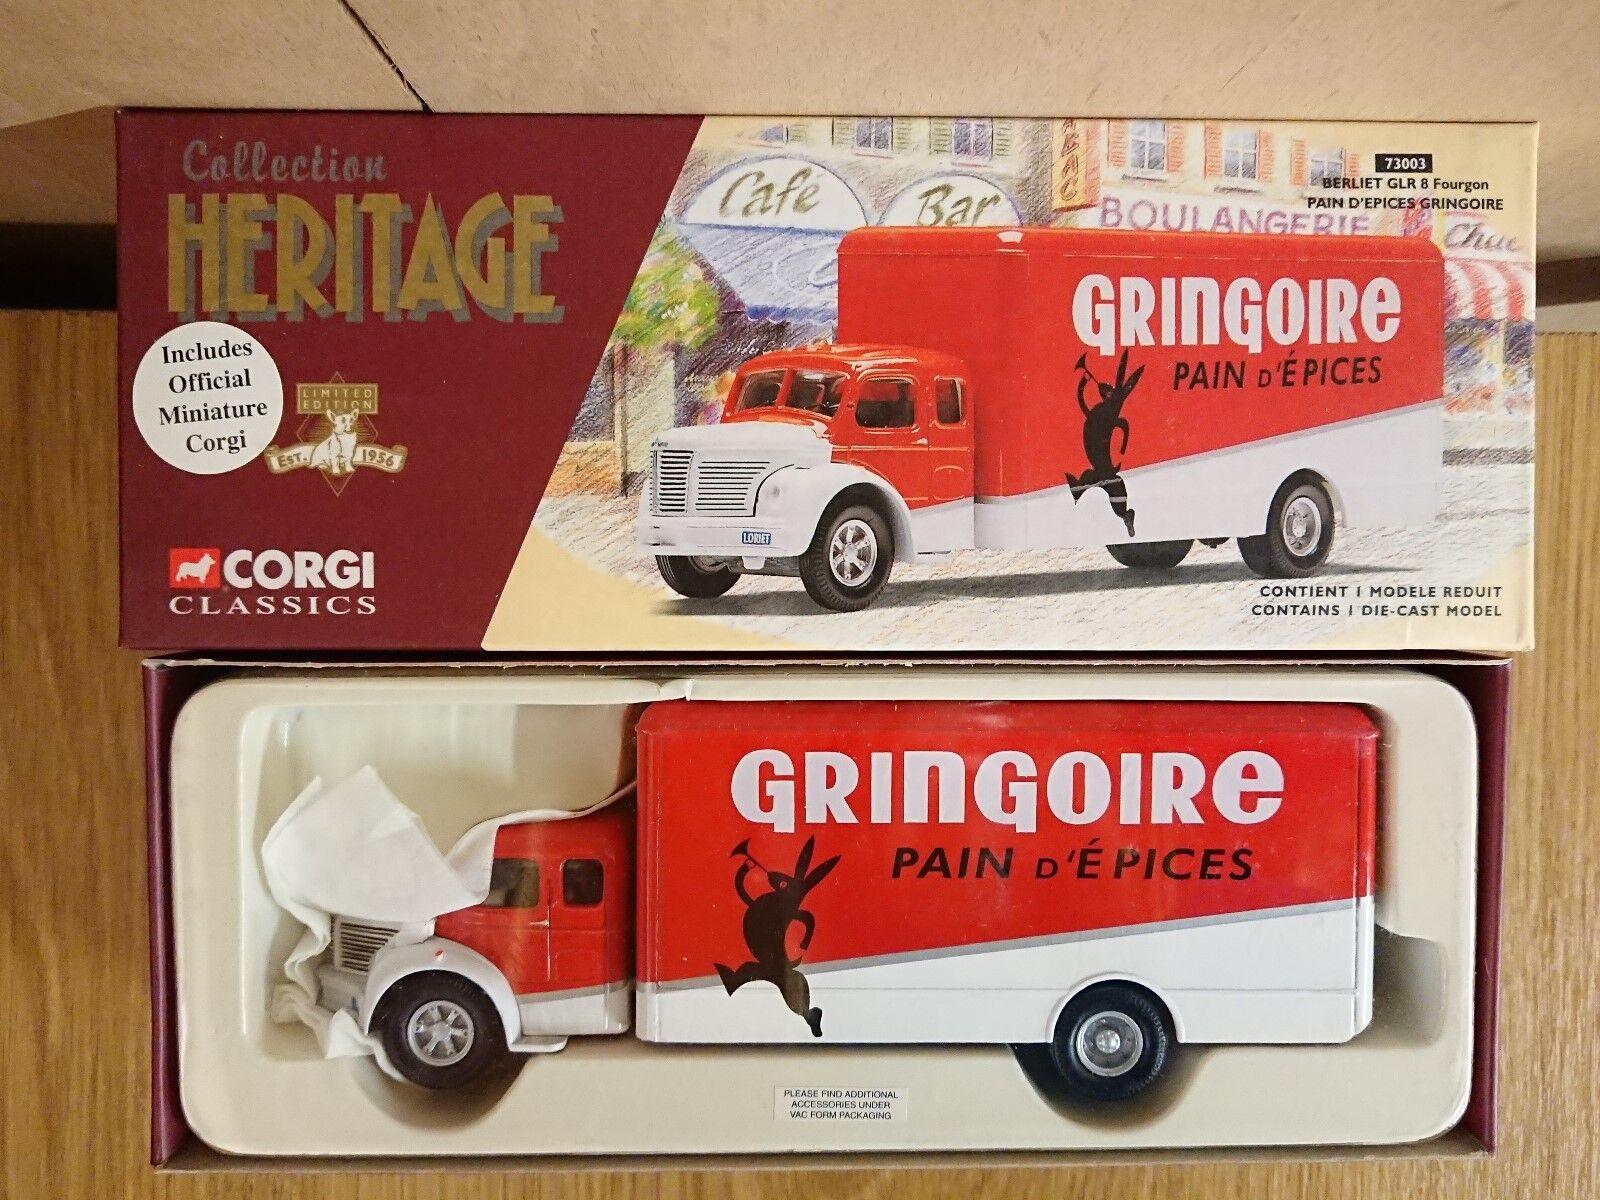 CORGI 73003 Berliet GLR 8 baggage car la douleur d'epices GRINGOIRE LTD ED. 0003 de 5000